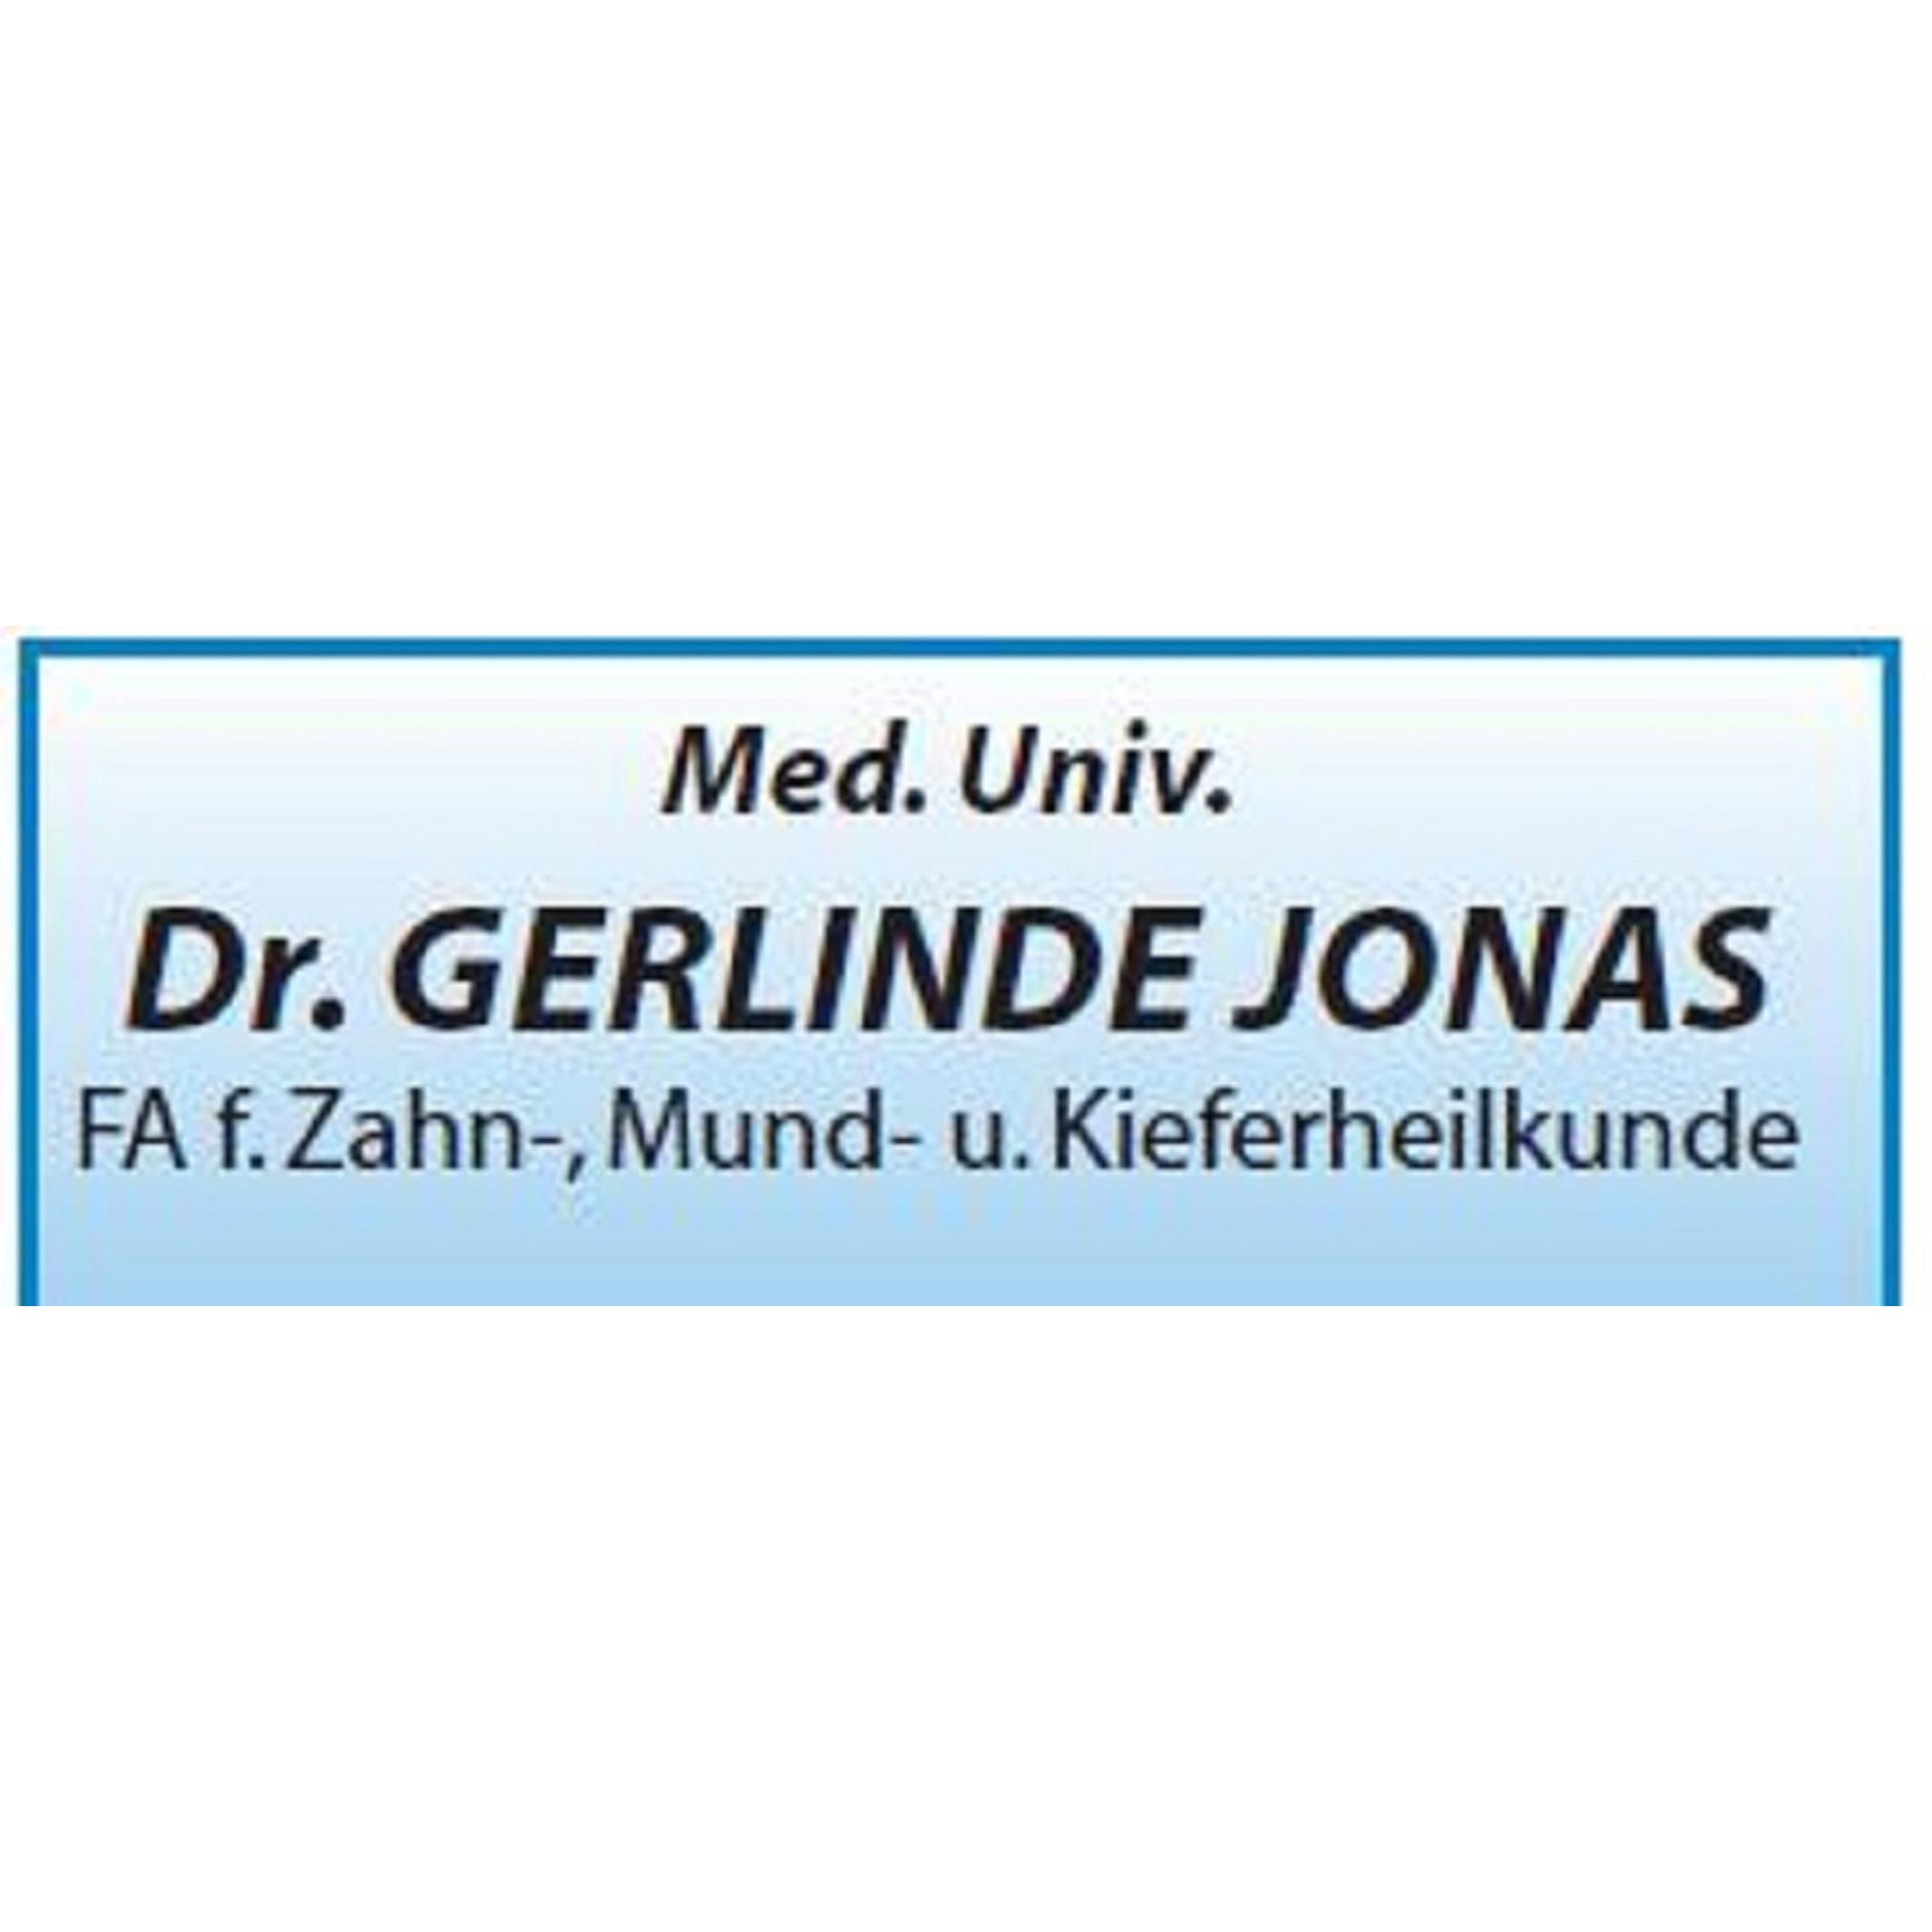 Dr. Gerlinde Jonas 9020 Klagenfurt am Wörthersee